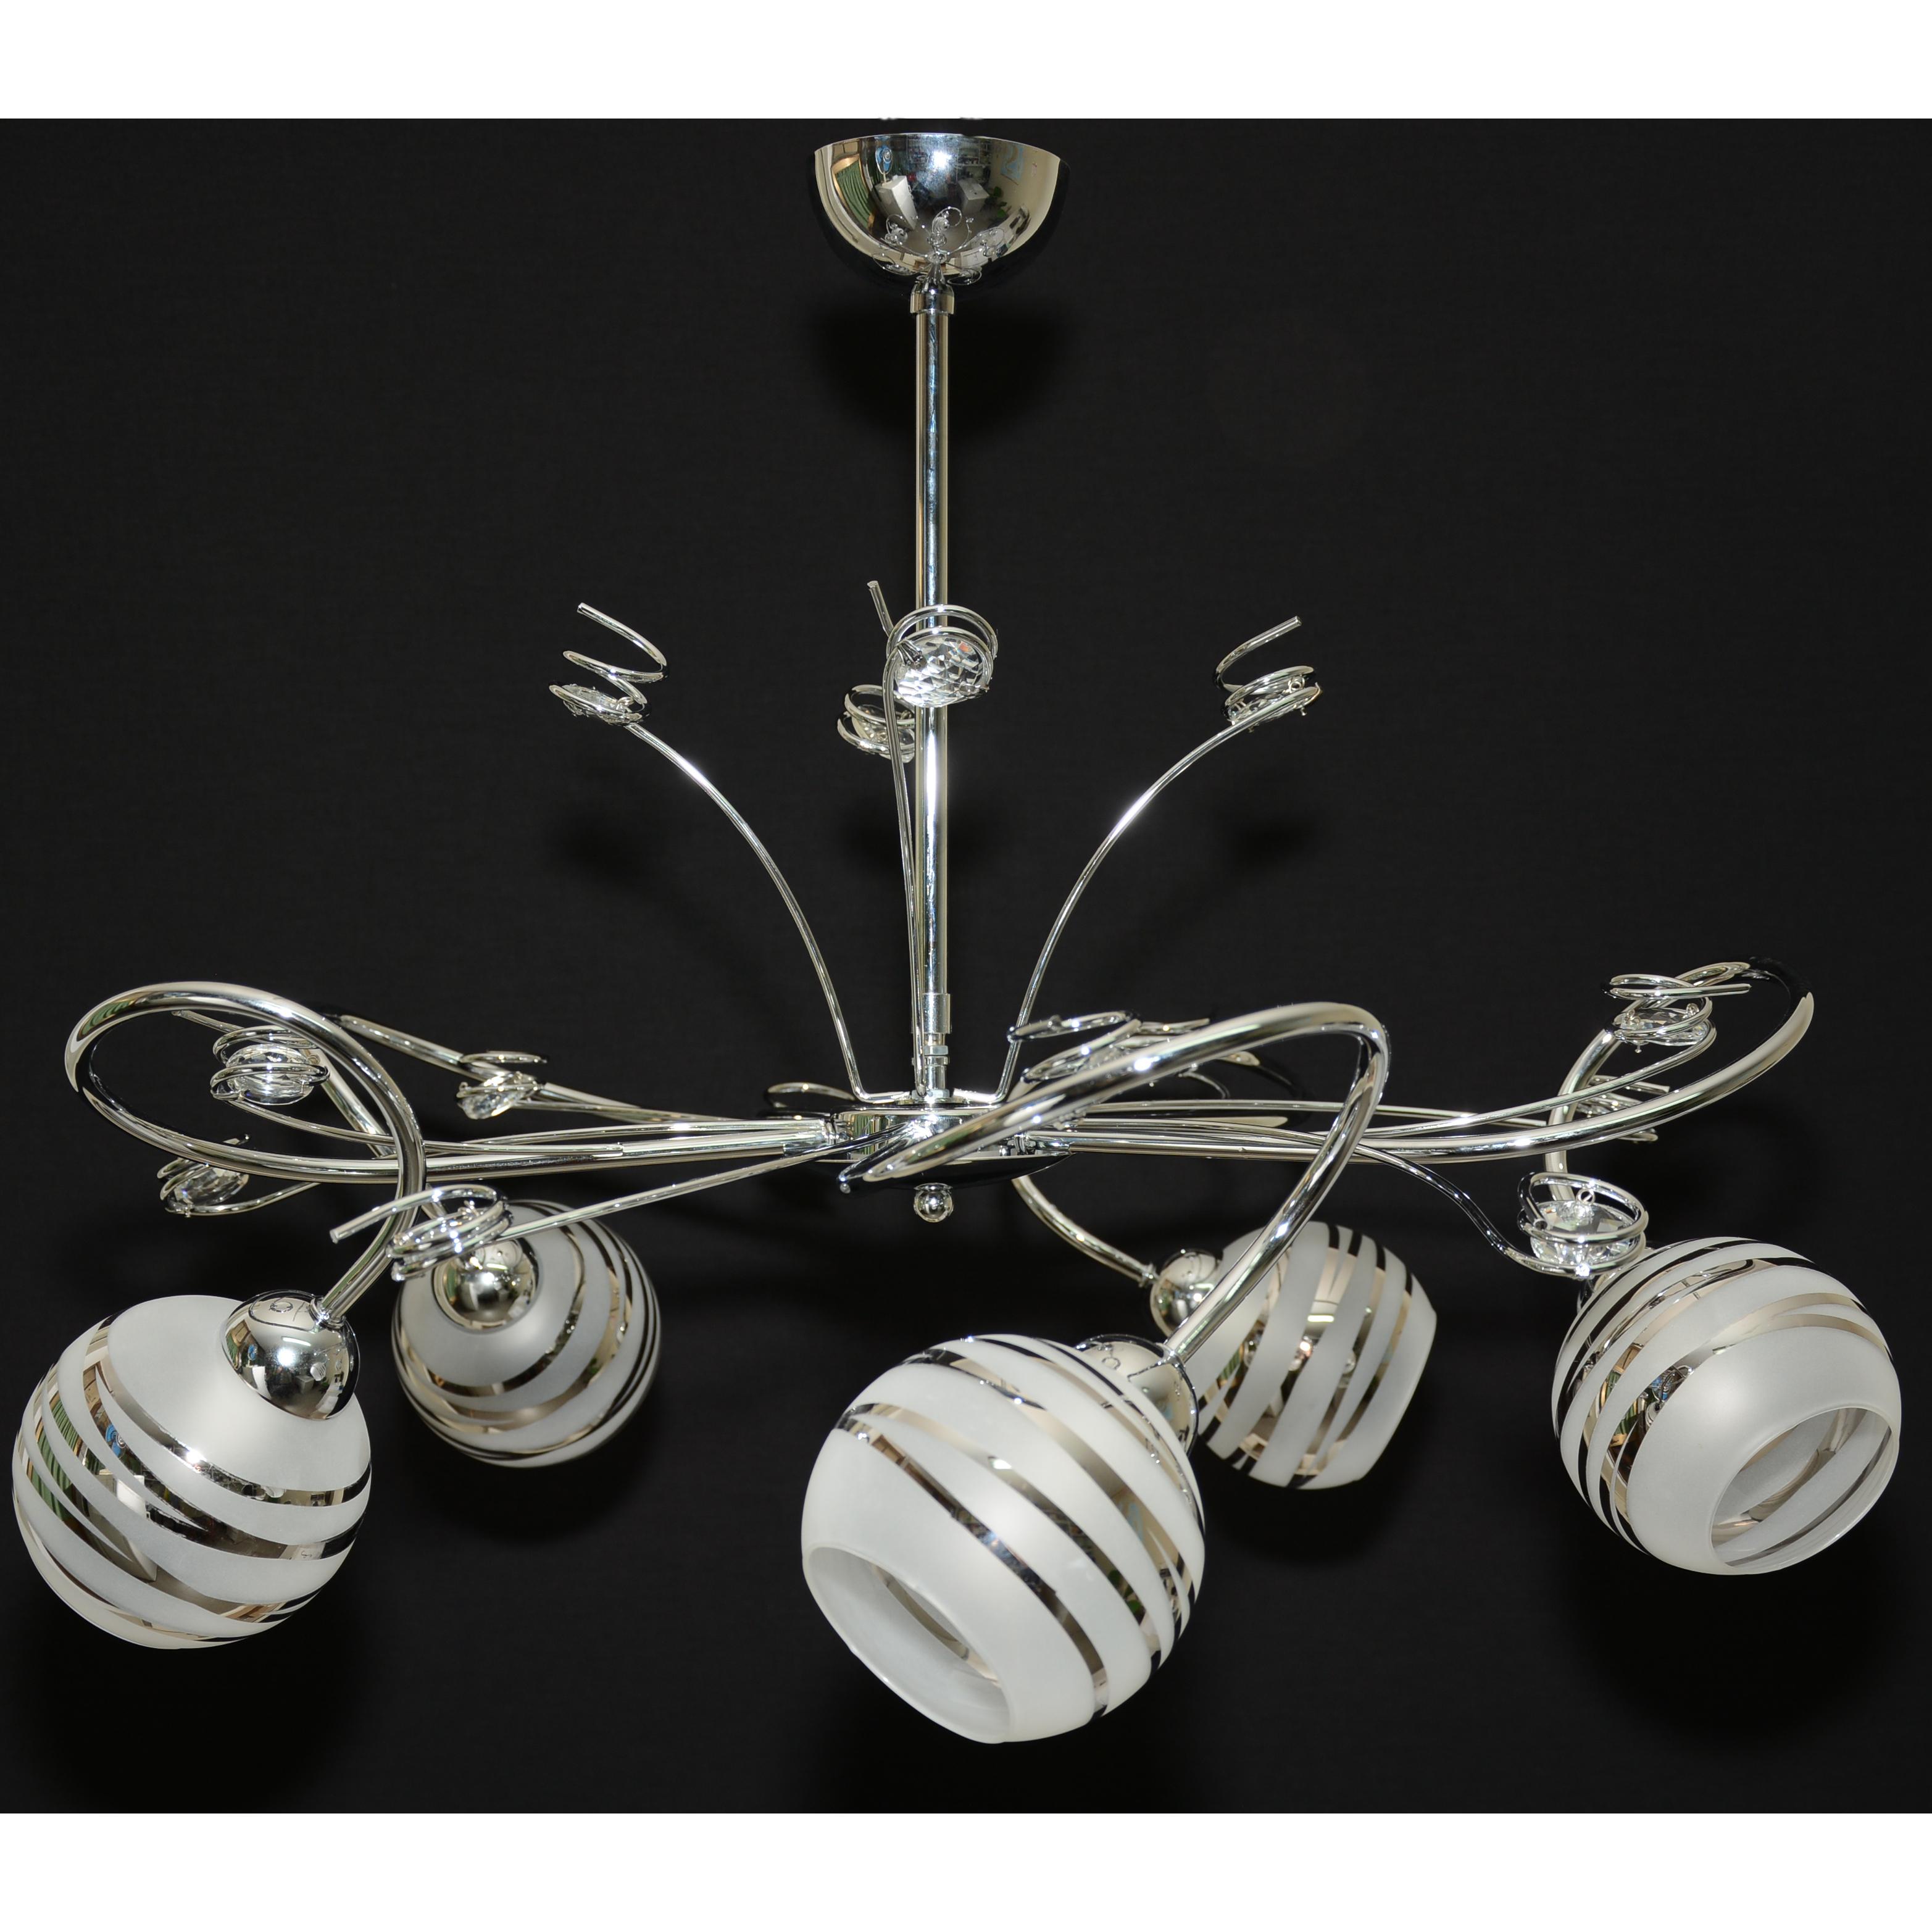 vendita lampadari murano : lampadari vetro murano: vendita lampadari murano moderni